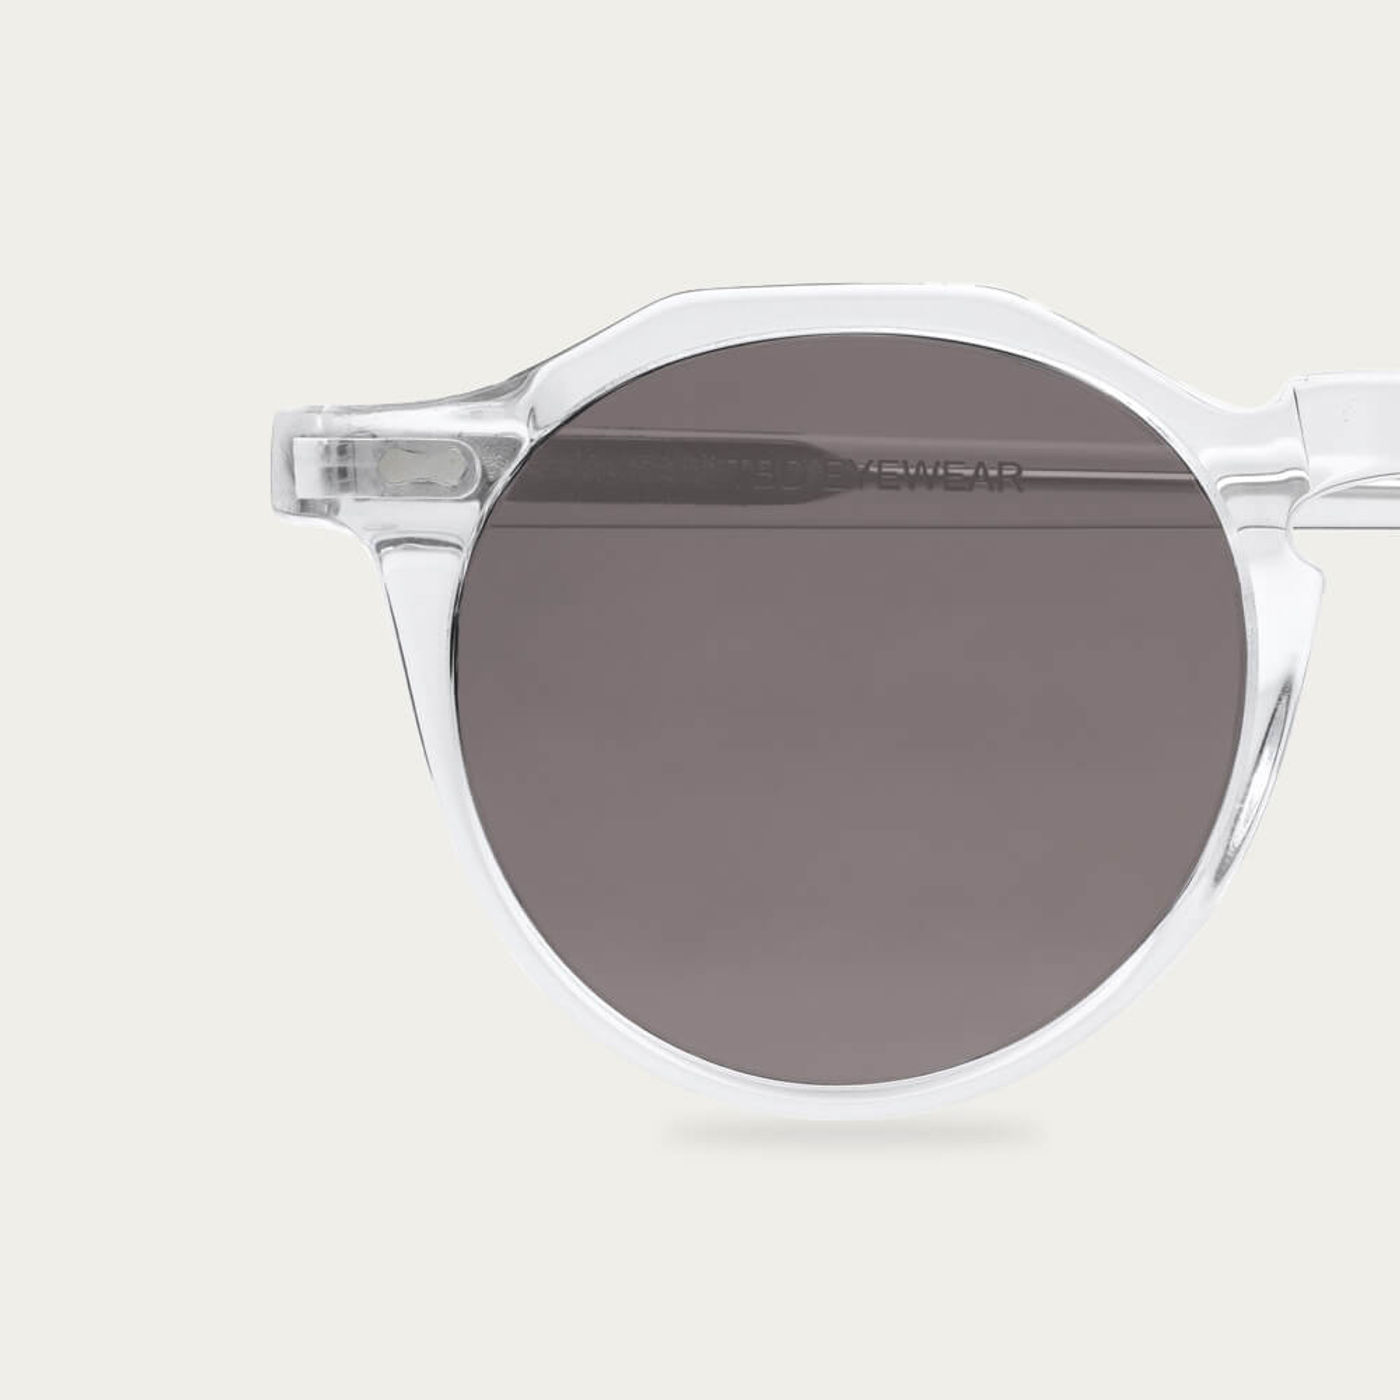 Transparent /Gradient Grey Lapel Sunglasses   Bombinate